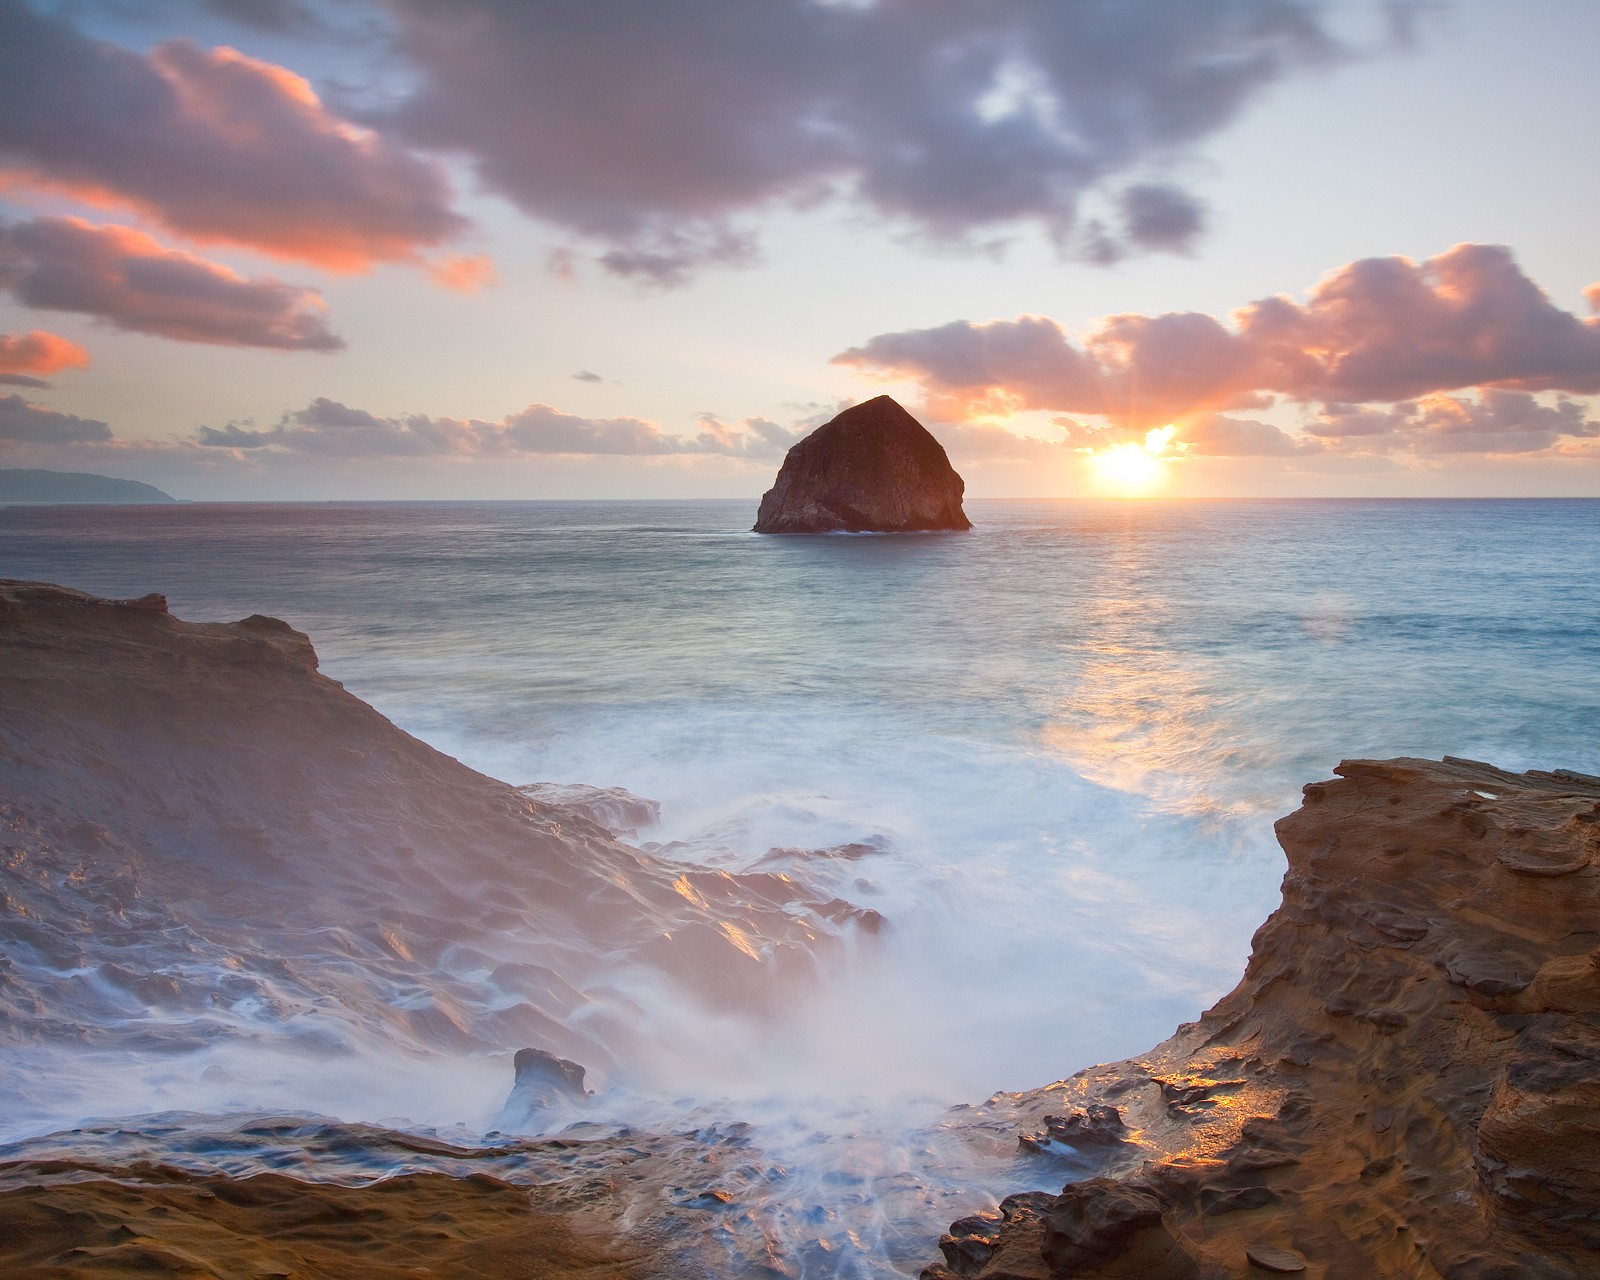 скала море солнце  № 673175 загрузить